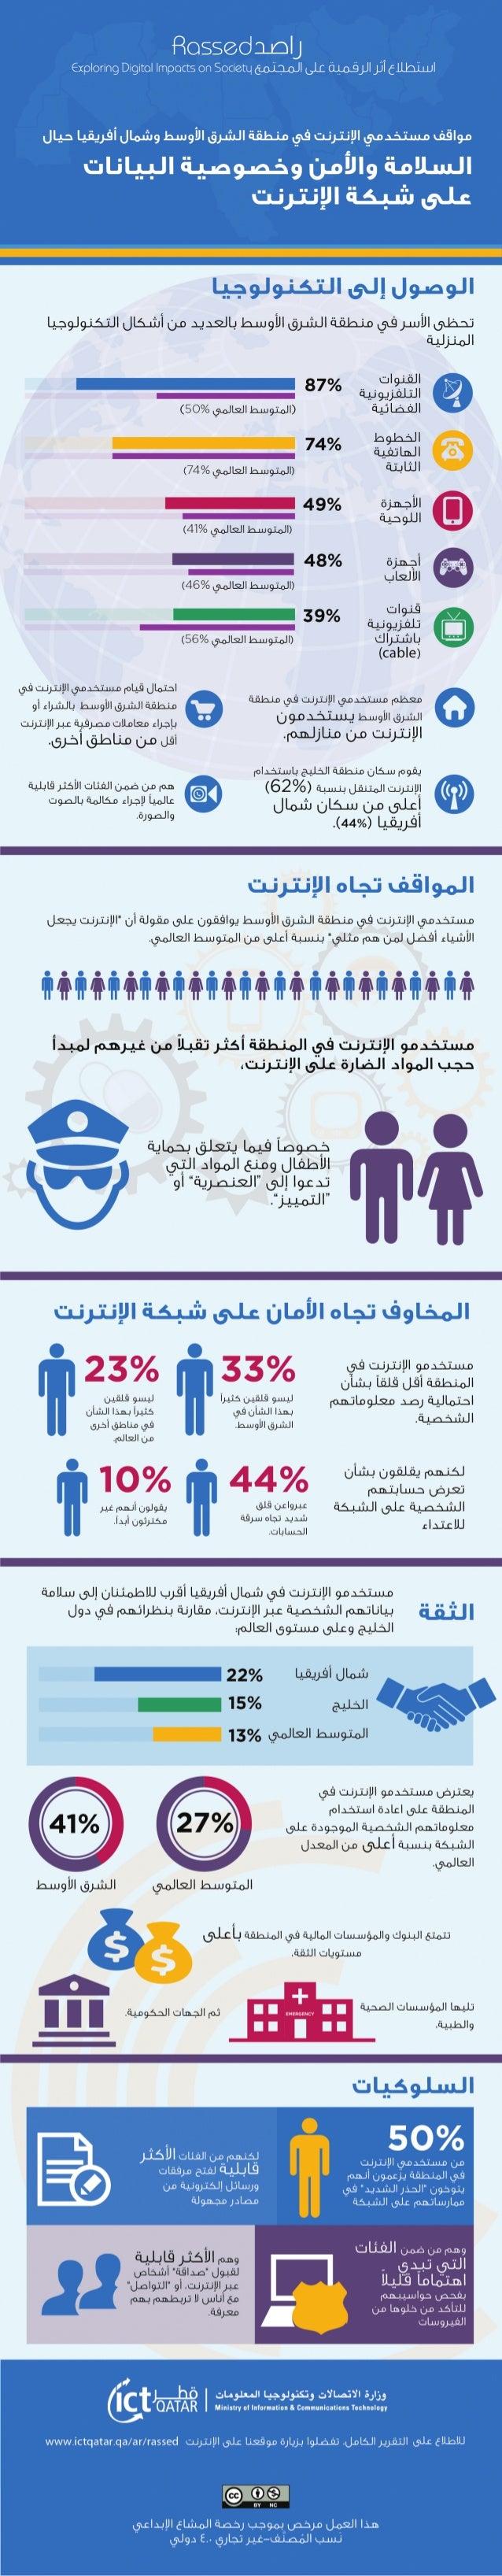 مواقف مستخدمي الإنترنت في منطقة الشرق الأوسط حيال السلامة ولأمن على شبكة الإنترنت